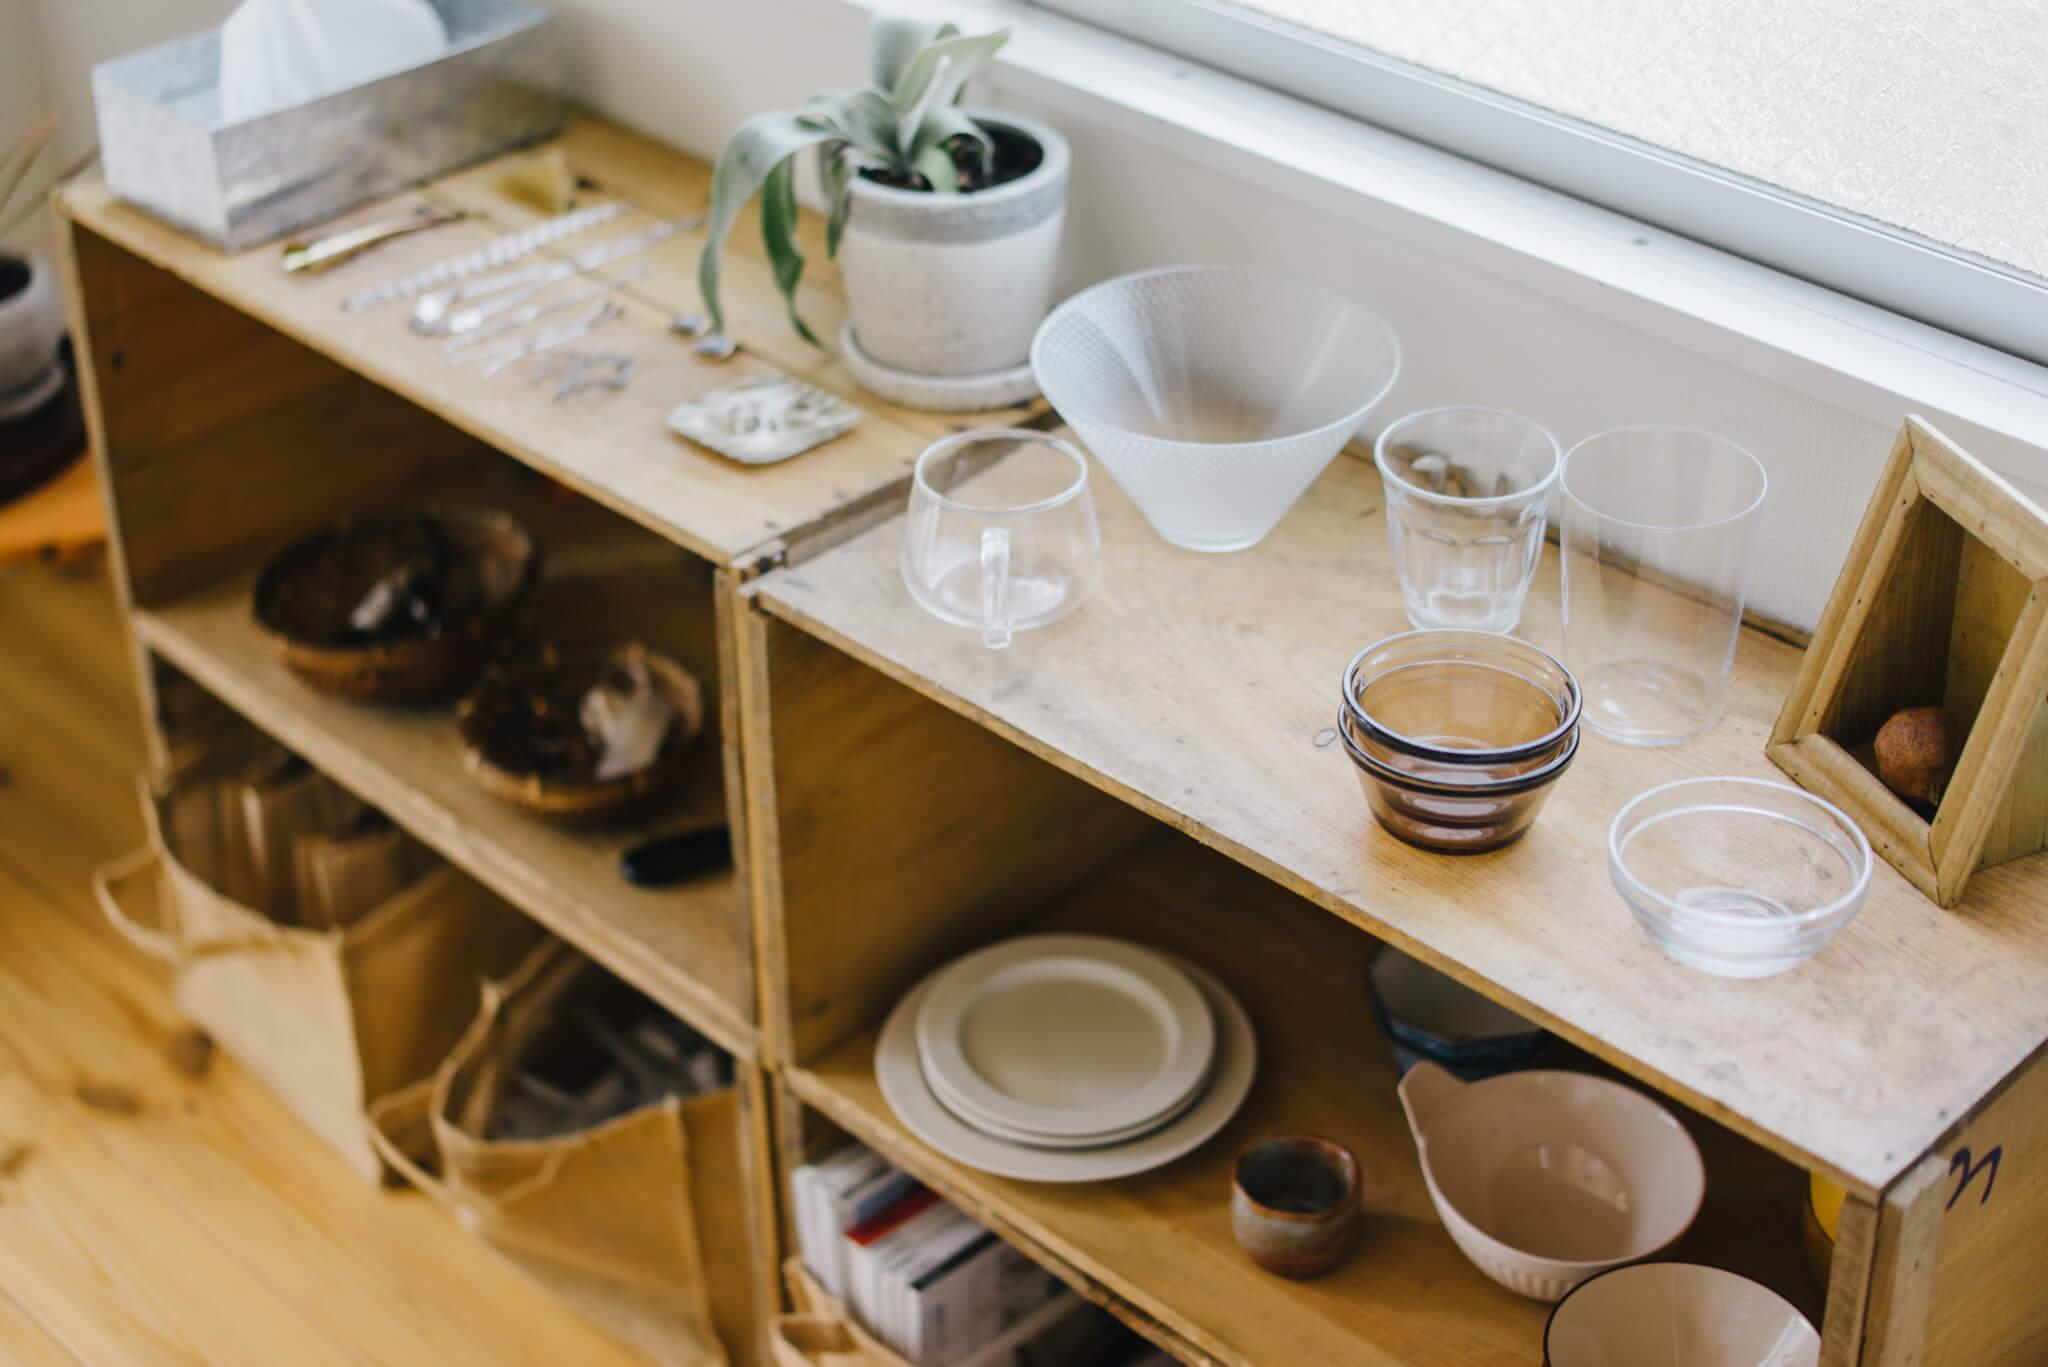 それどこで買ったの?一人暮らしにあると嬉しい「収納家具&アイテム」実例まとめ